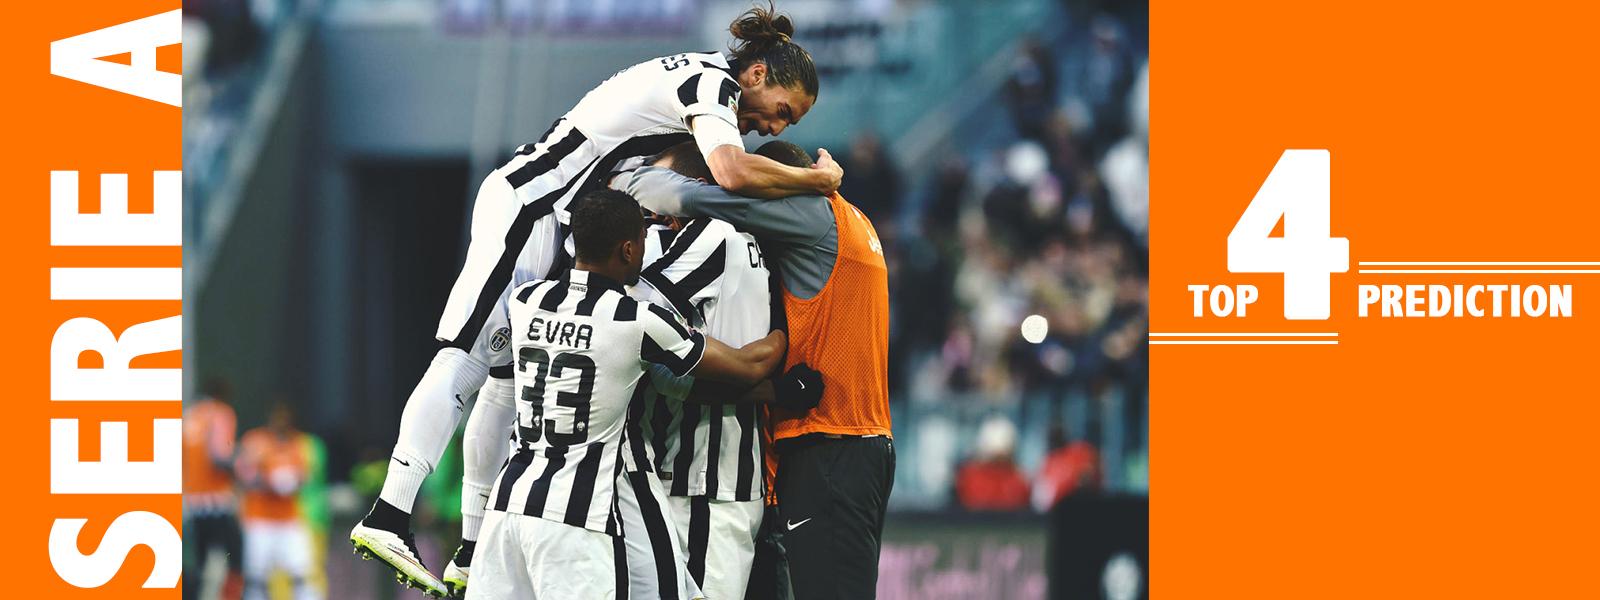 Serie A Top 4 Teams Prediction